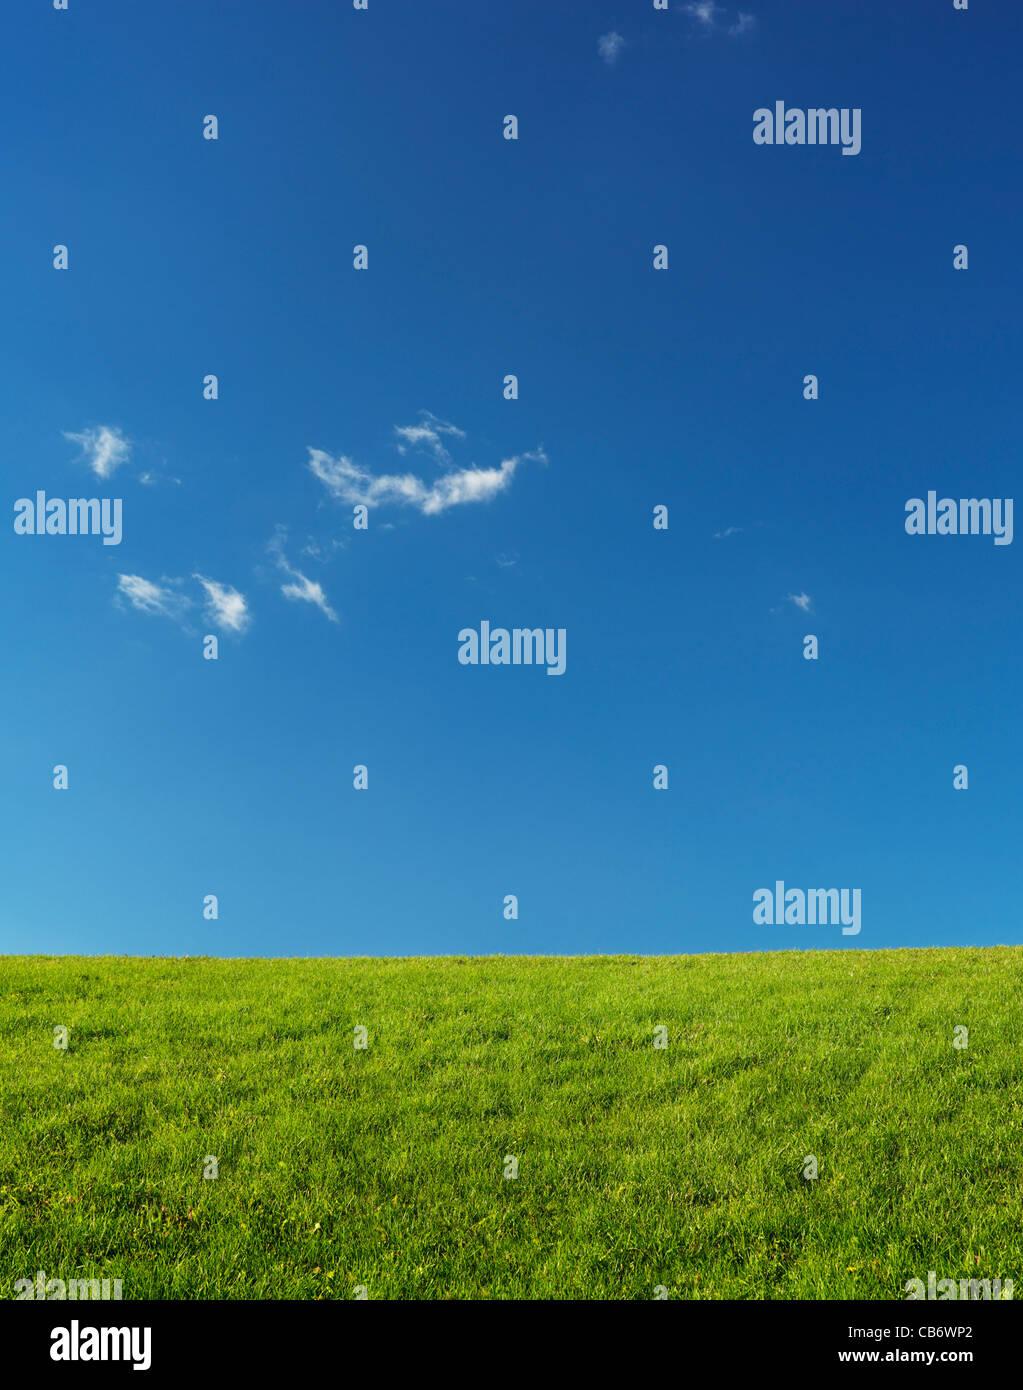 Verde paisaje de pastizales bajo el azul claro del cielo iluminado por la luz solar. Naturaleza telón de fondo. Imagen De Stock